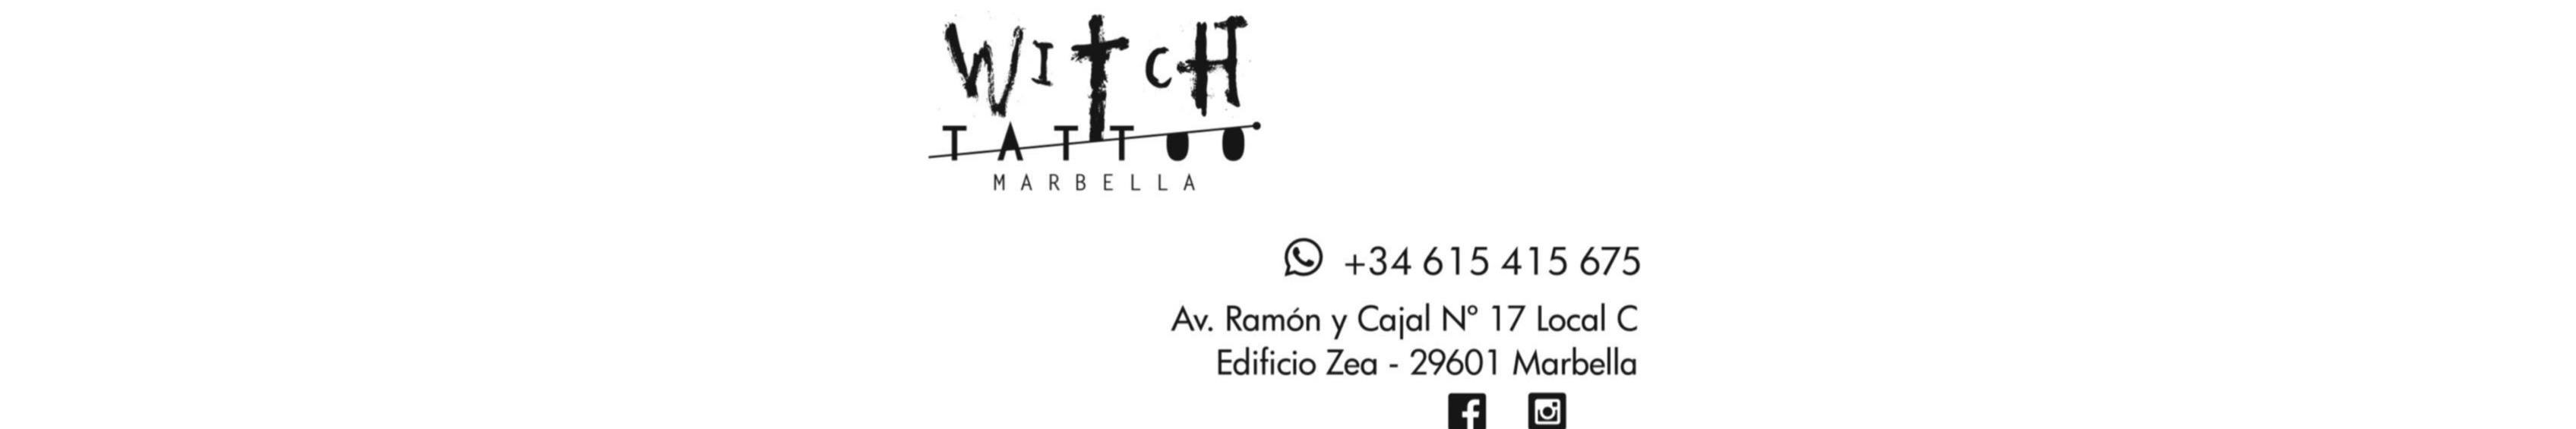 Witch Tattoo Marbella